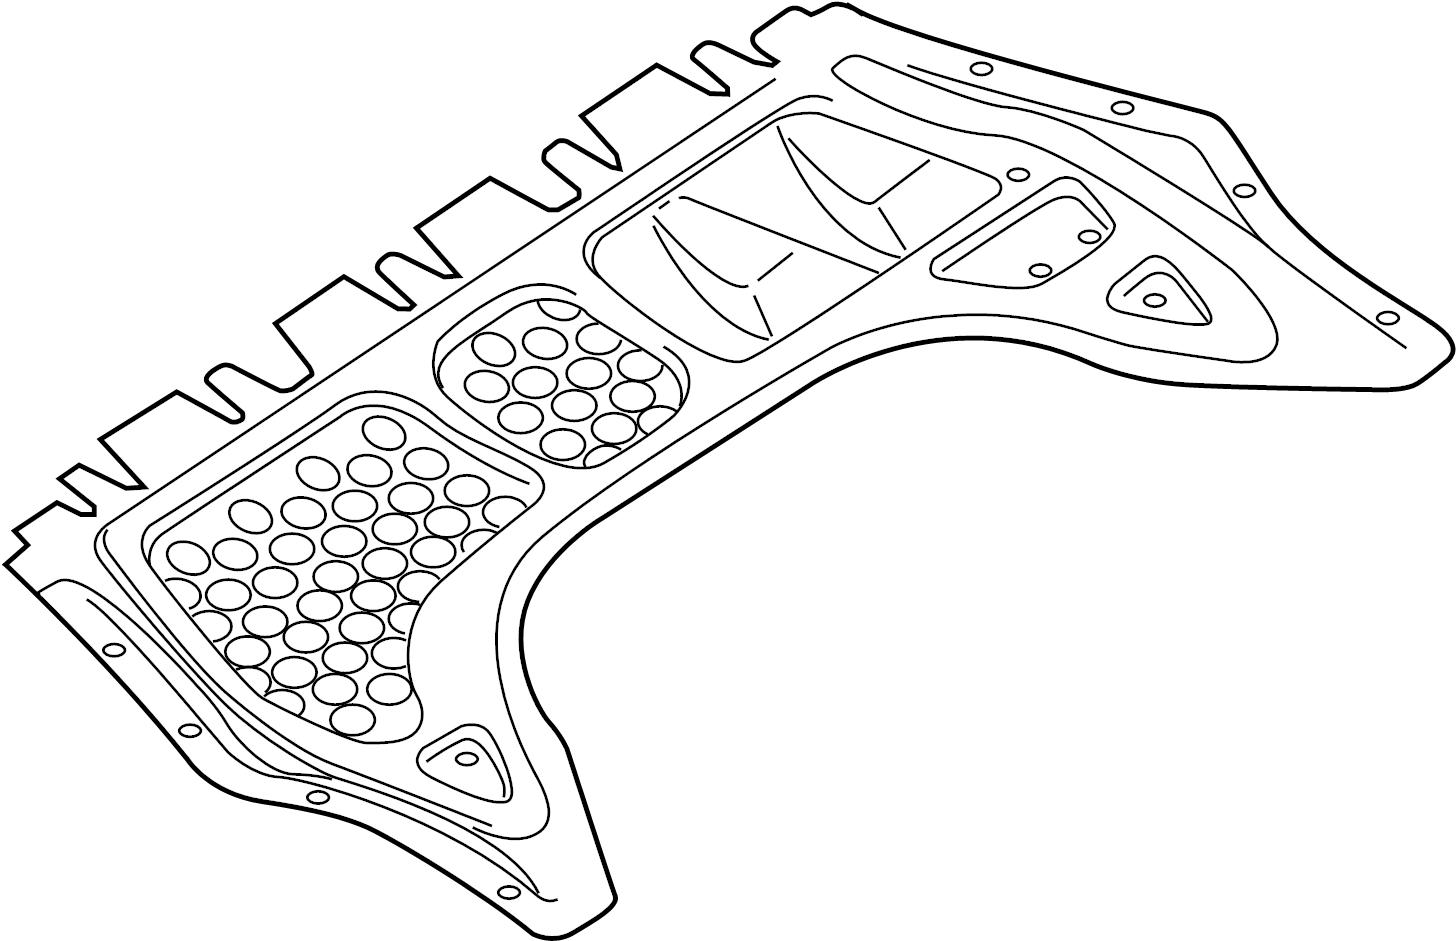 2012 Volkswagen Sportwagen Shield Liter Engine Wdiesel